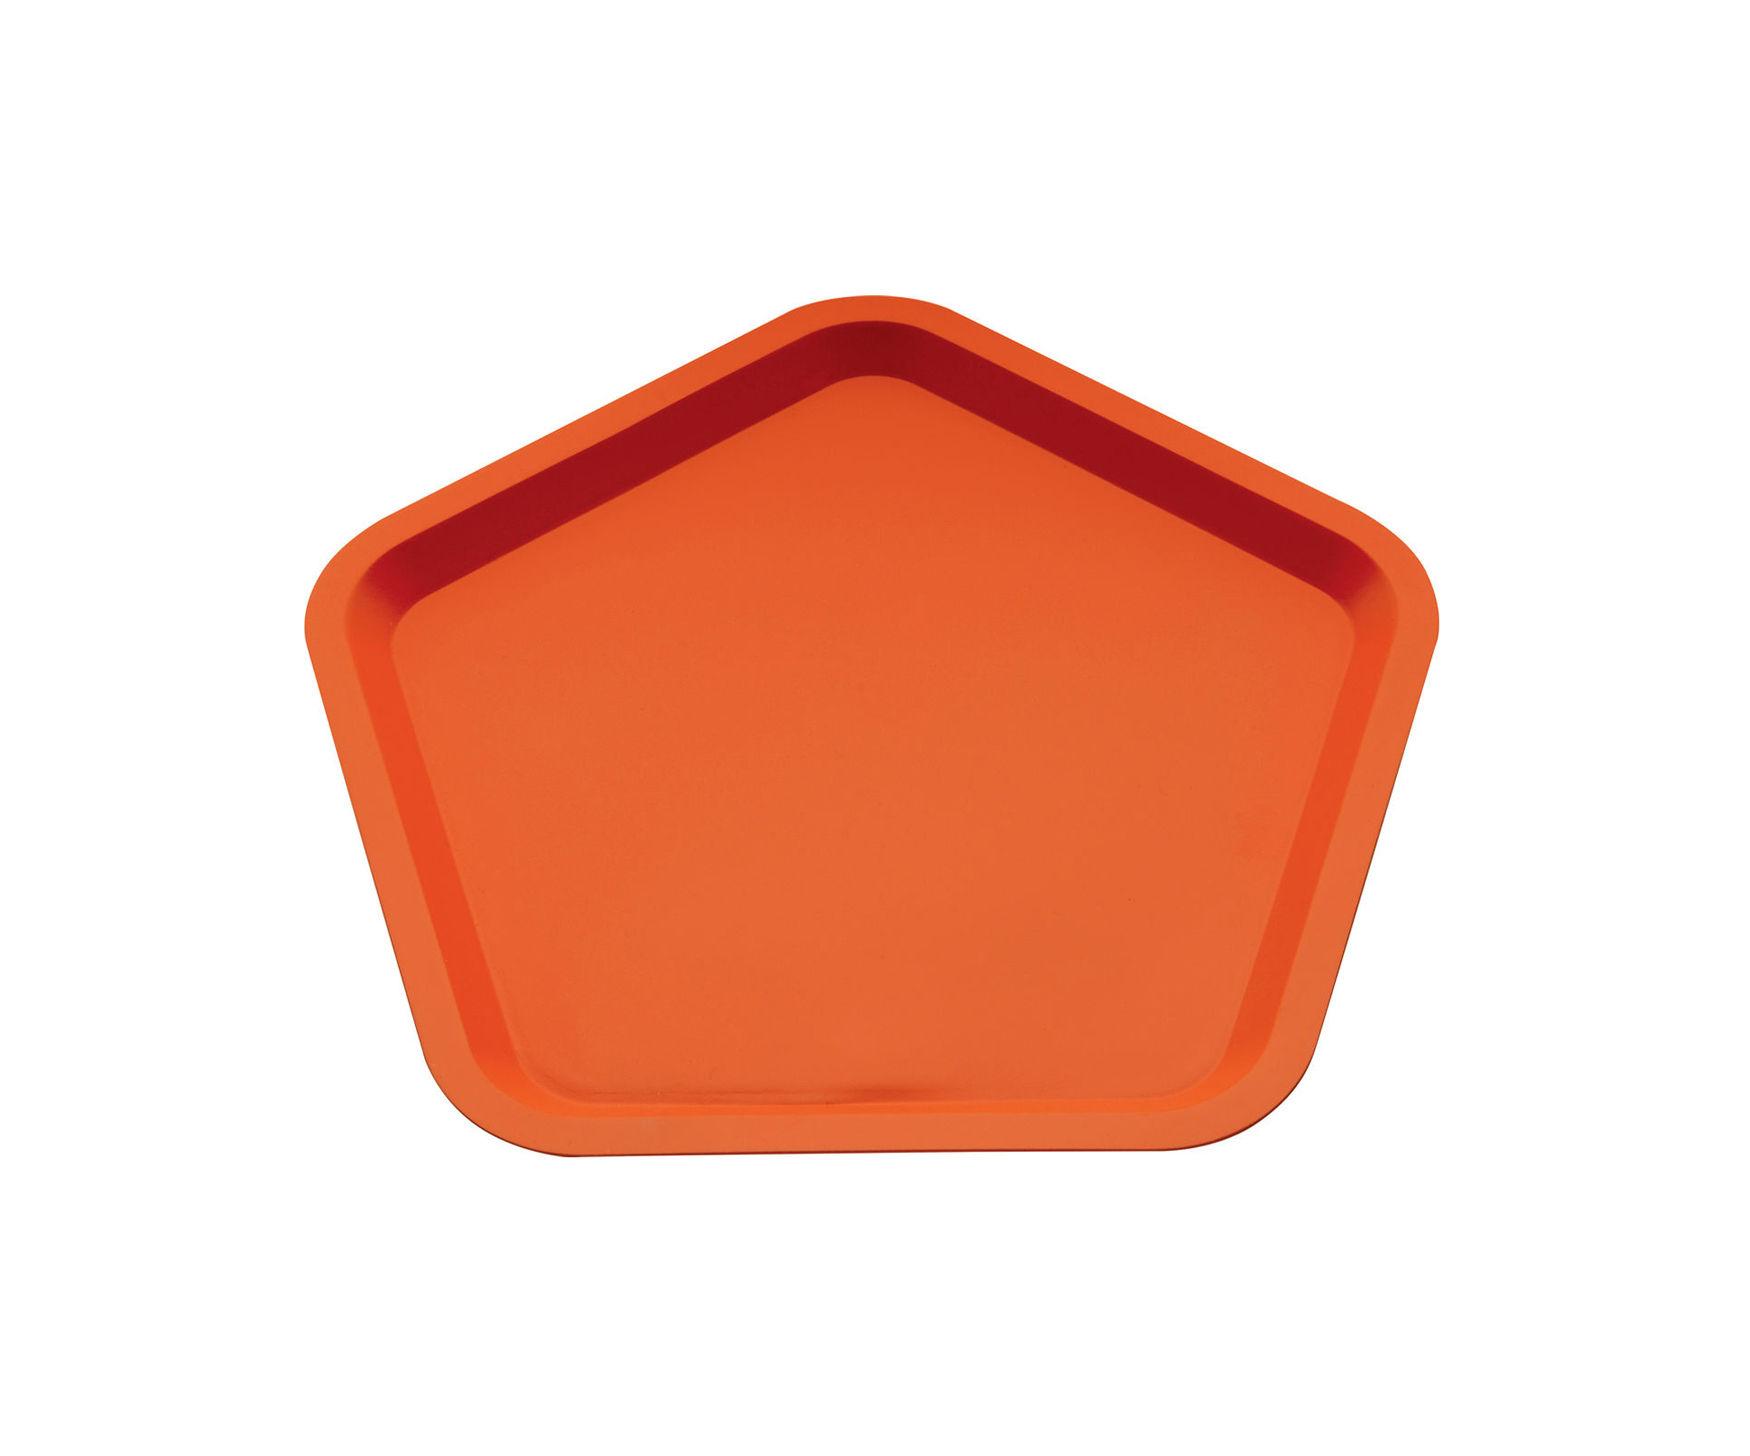 Arts de la table - Plateaux - Plateau Territoire intime / 36 x 35 cm - Alessi - Orange Terracotta - Acier inoxydable avec coloration résine époxy